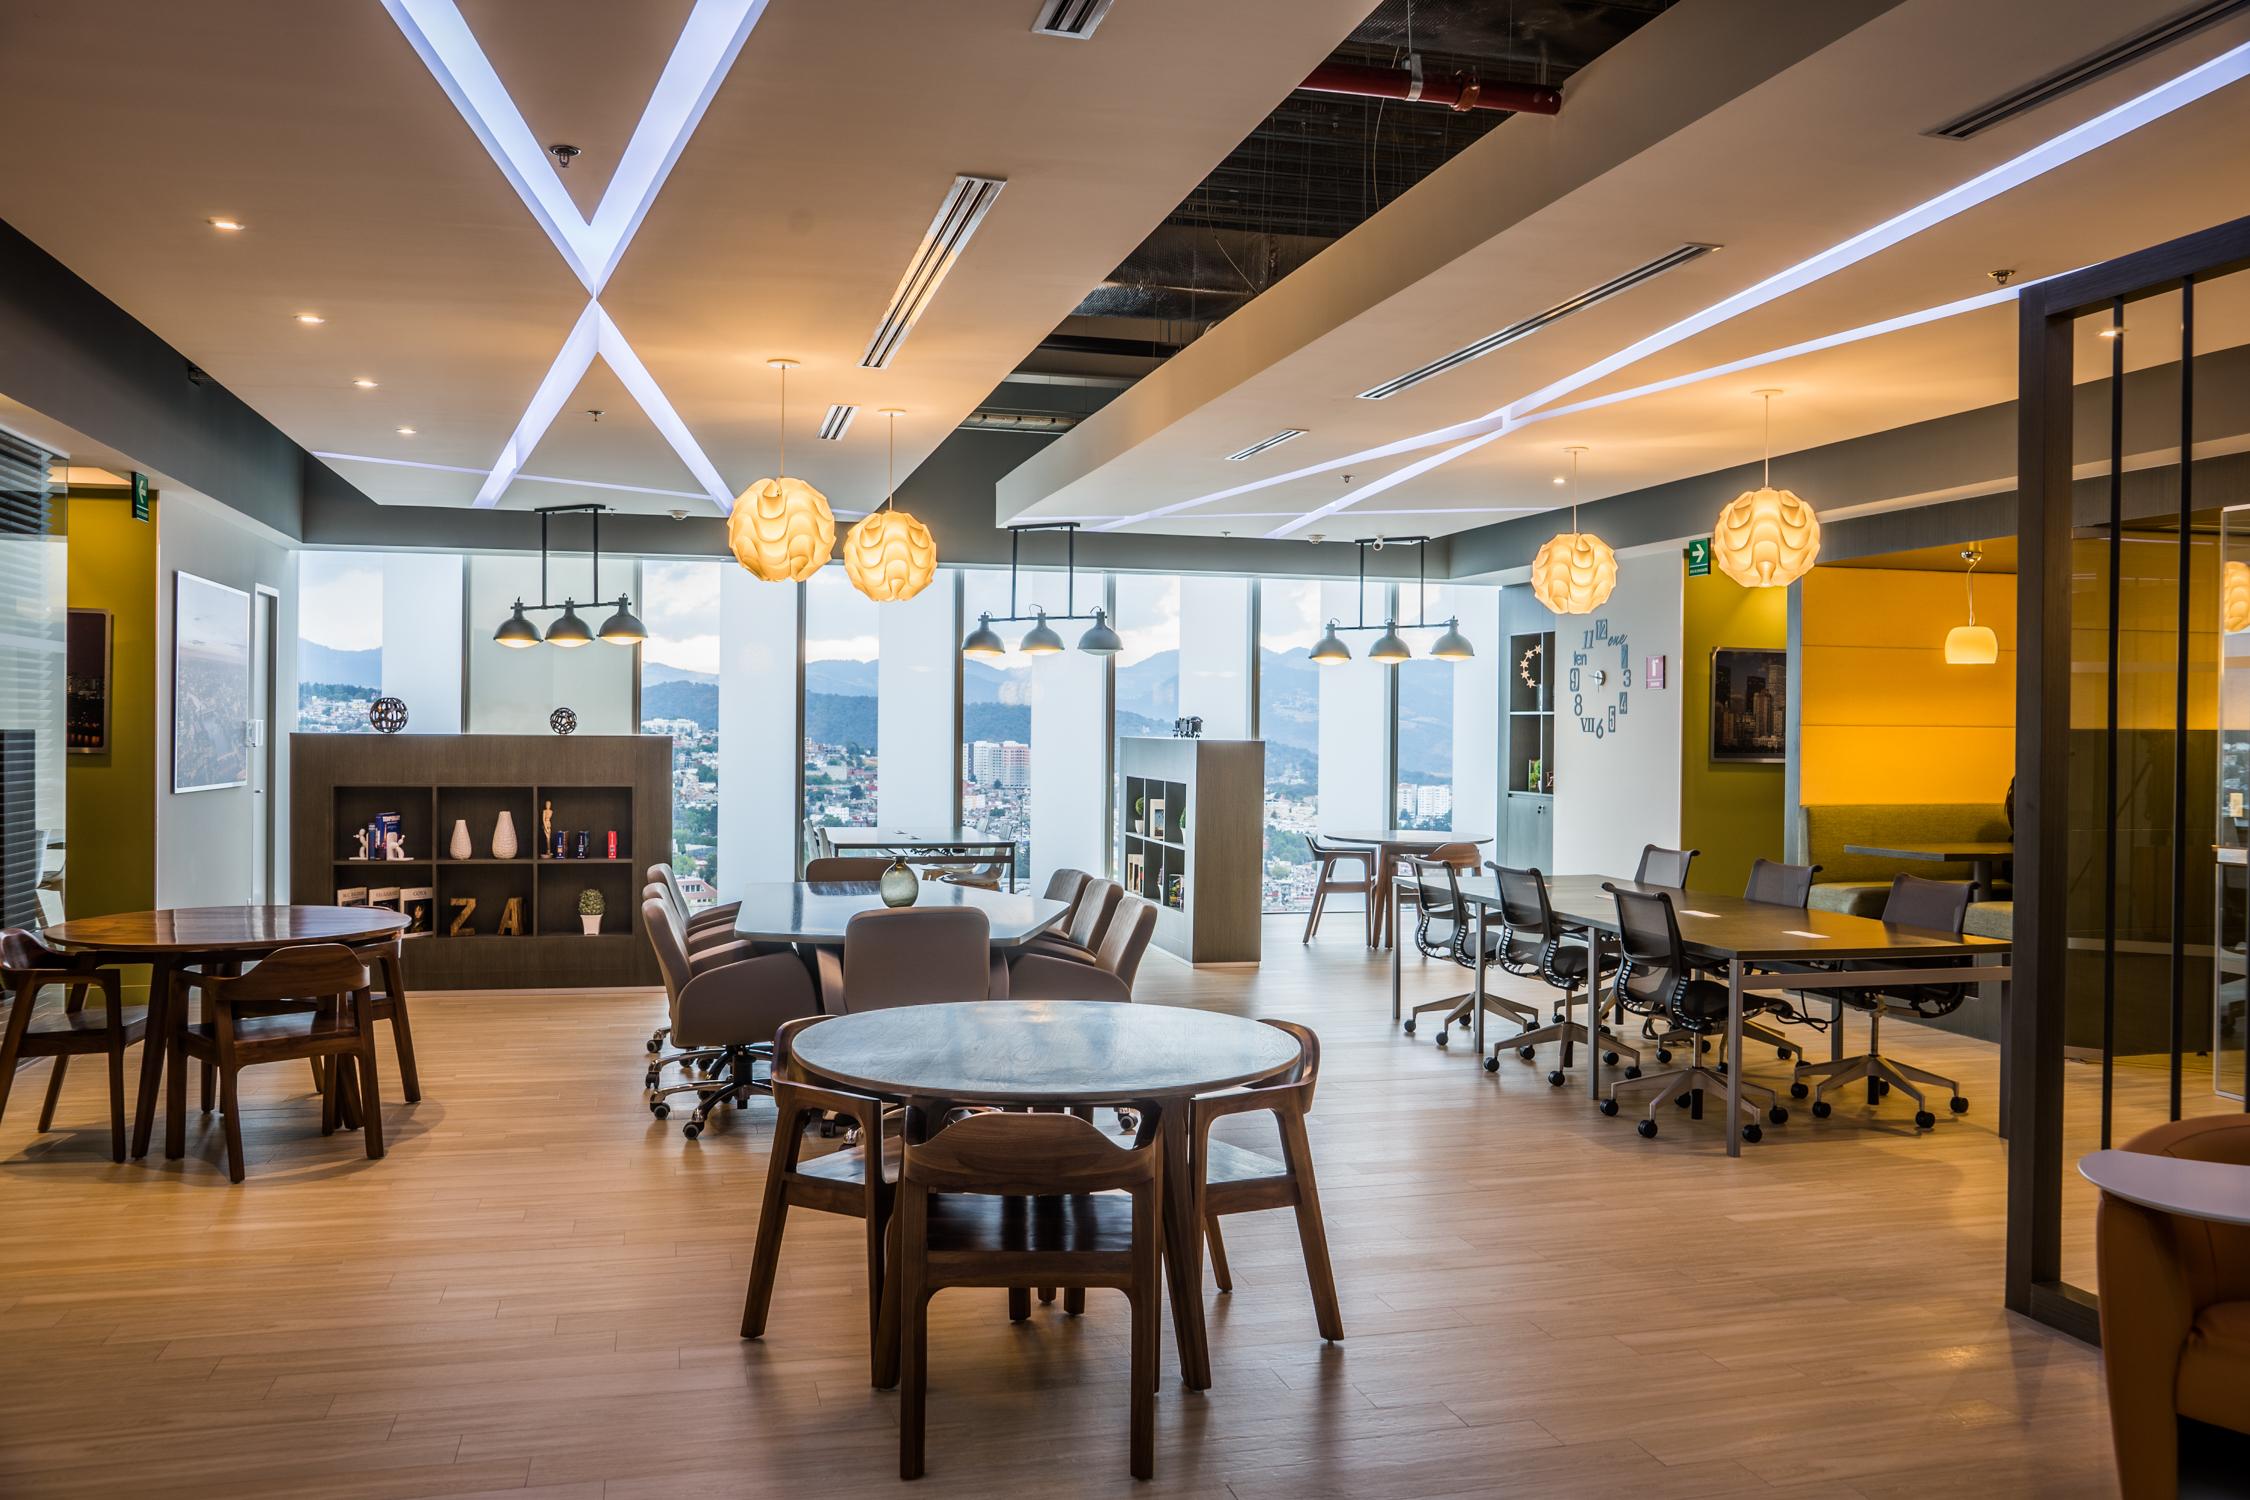 Regus inaugura nuevas oficinas en lima mba educaci n for Ono oficinas